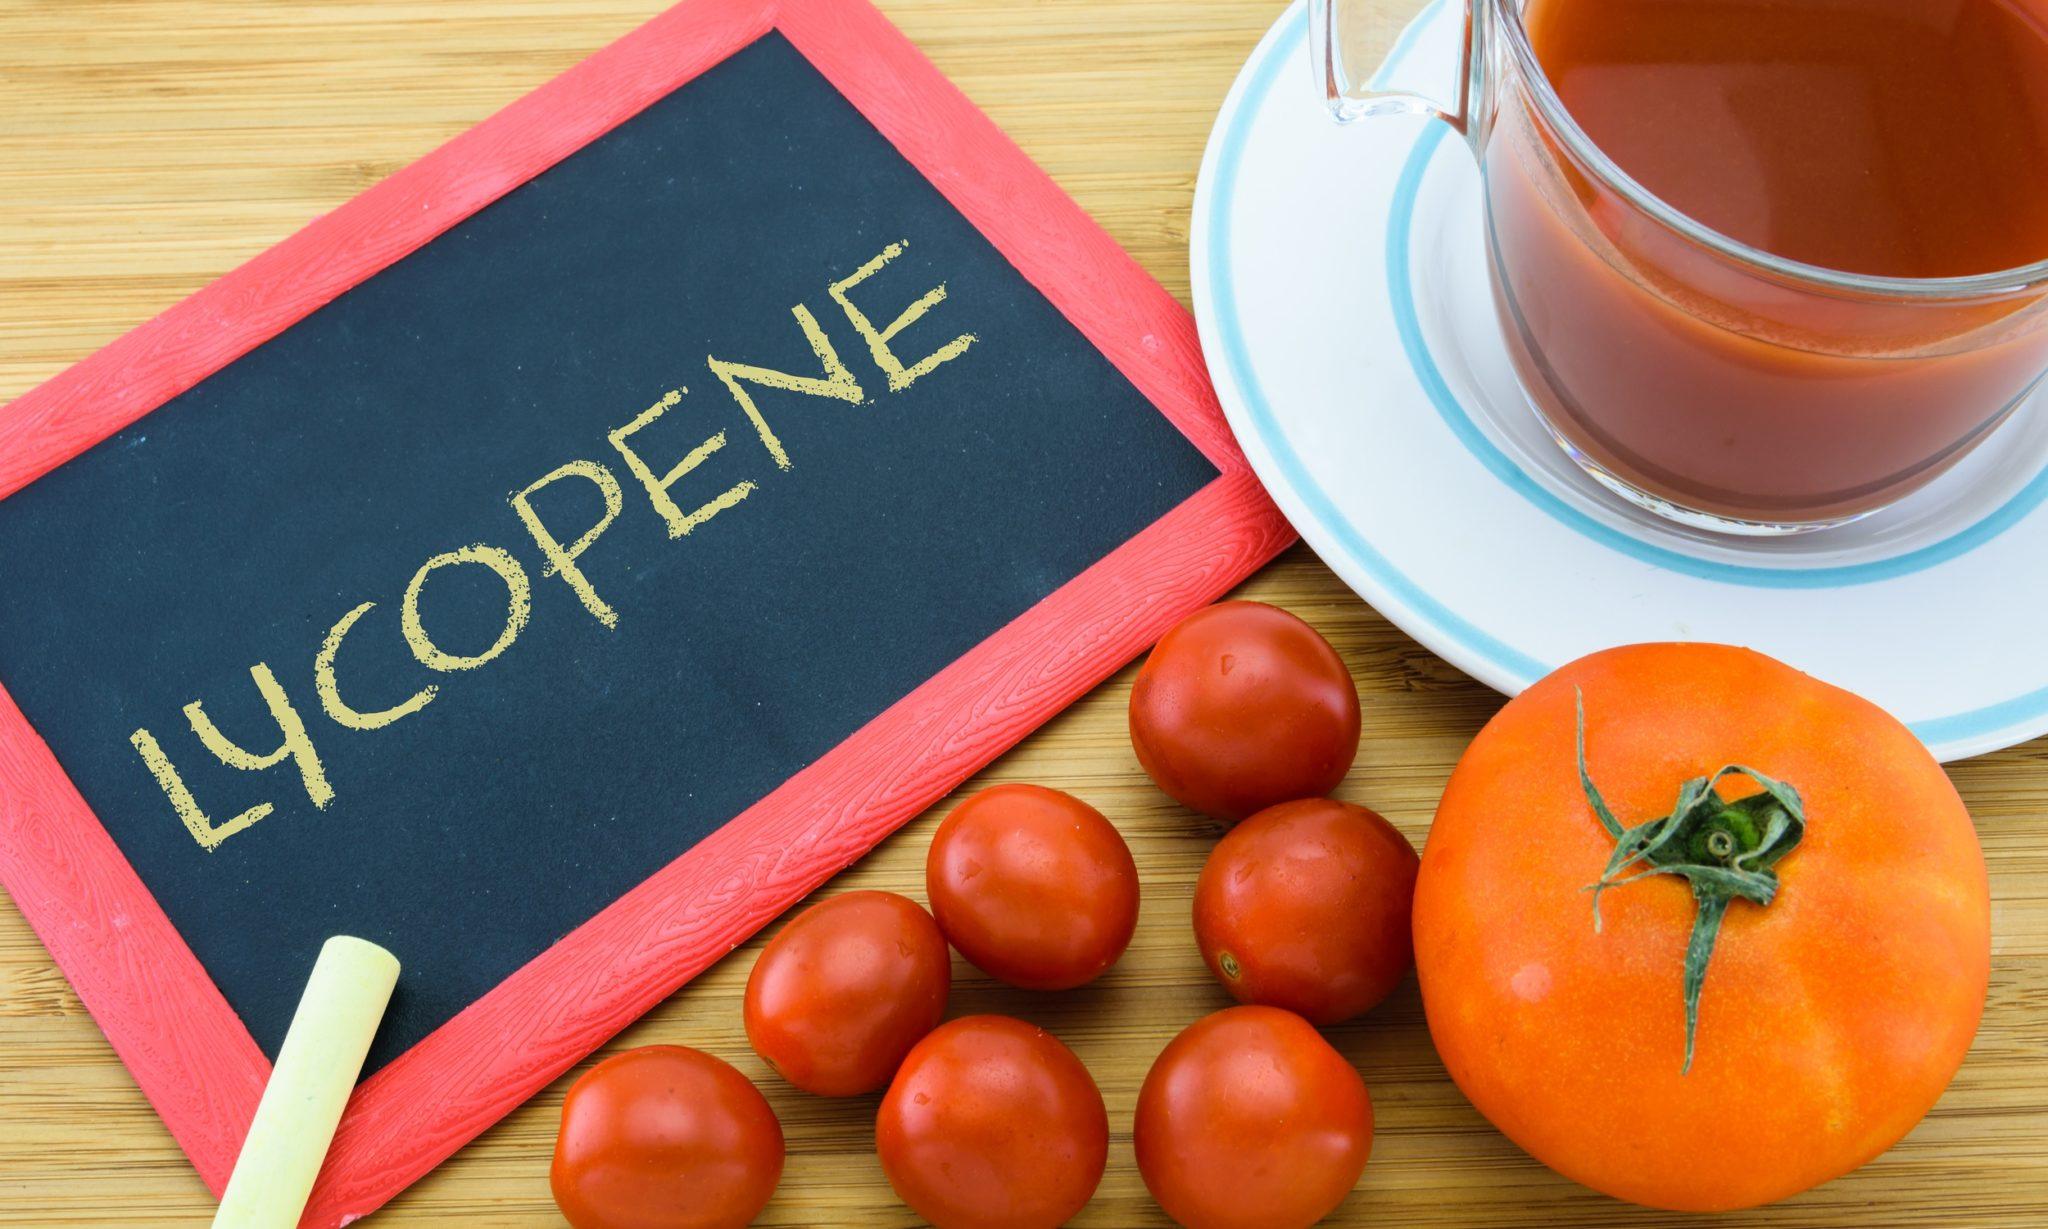 Ликопин : свойства, польза и содержание в продуктах   компетентно о здоровье на ilive